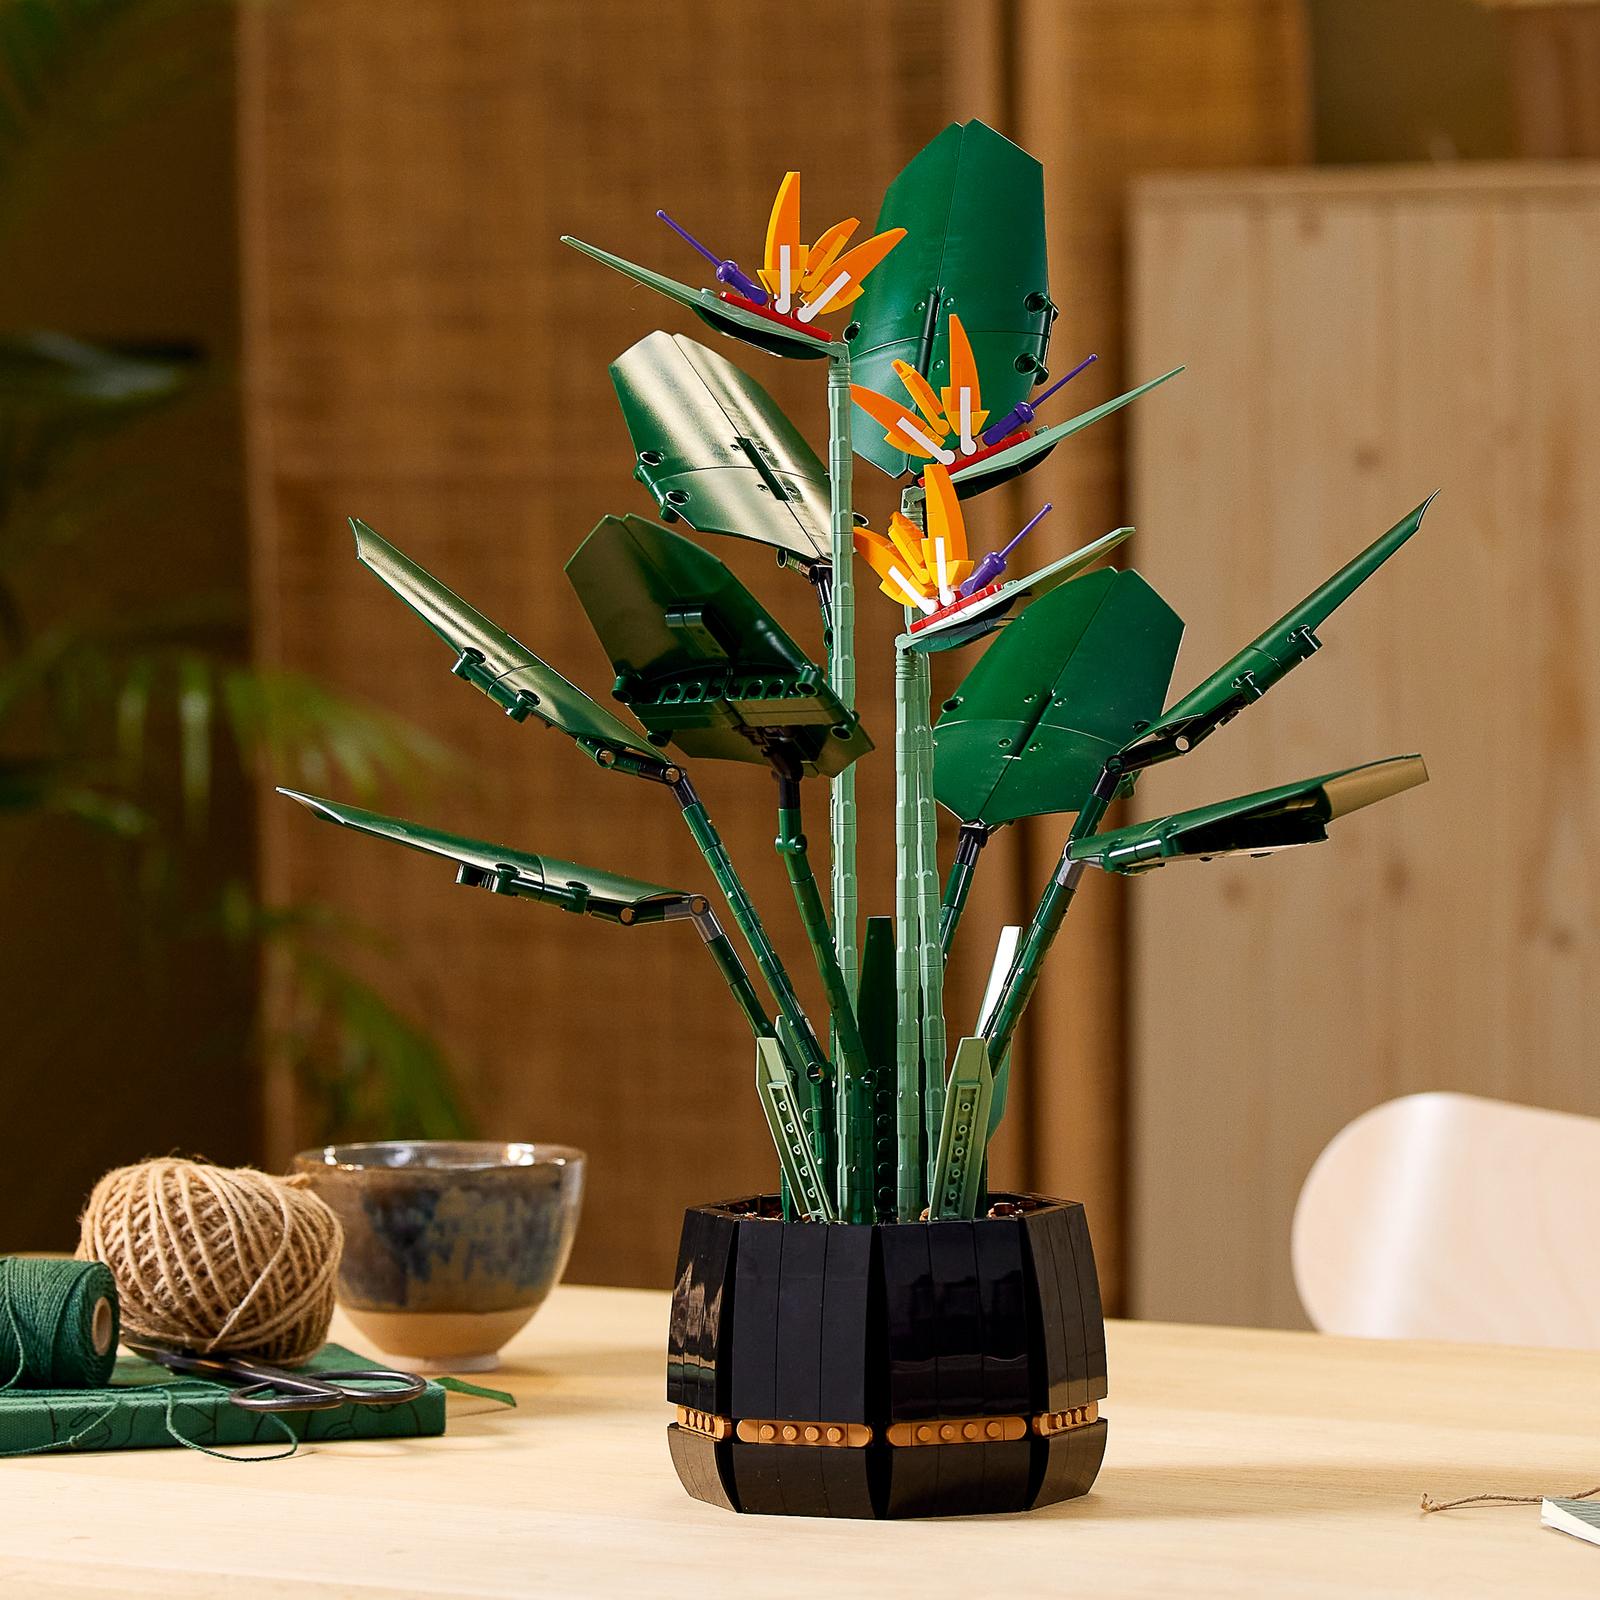 LEGO: Botanical Series - Bird of Paradise image